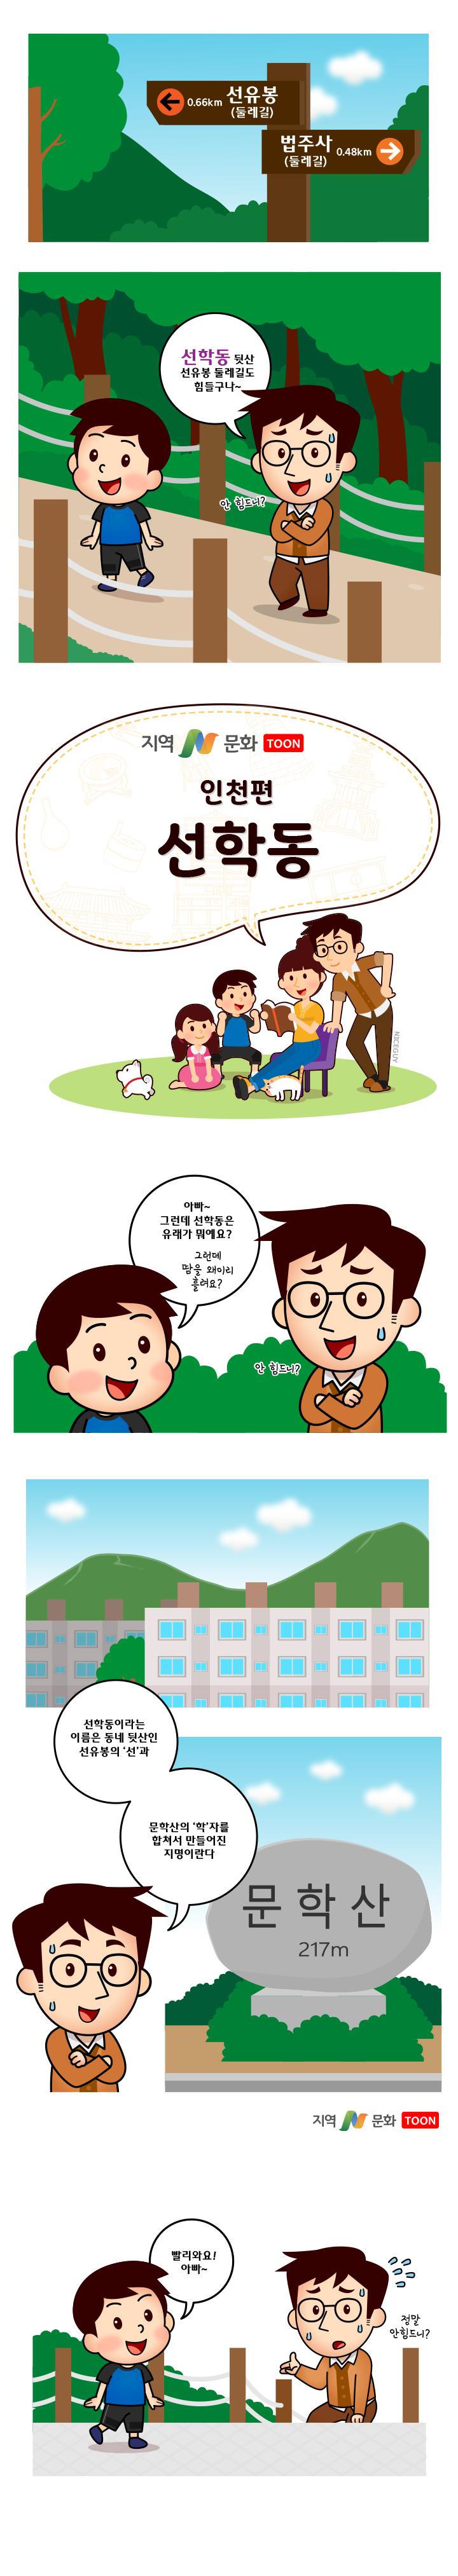 인천광역시 동래구 선학동은 동네 뒷산인 선유봉의 '선'과 문학산의 '학'자를 합쳐서 만들어진 지명이다.